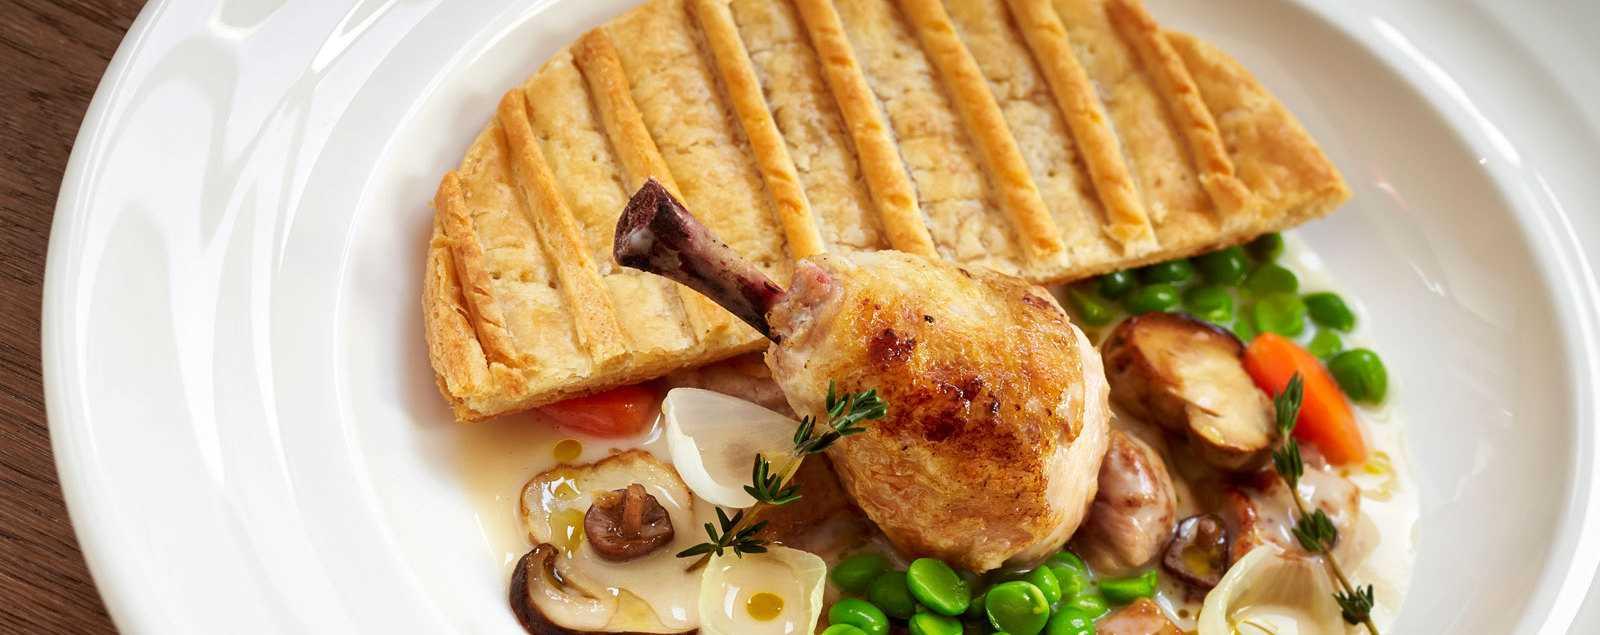 Hot Restaurants Aroud Northern Va